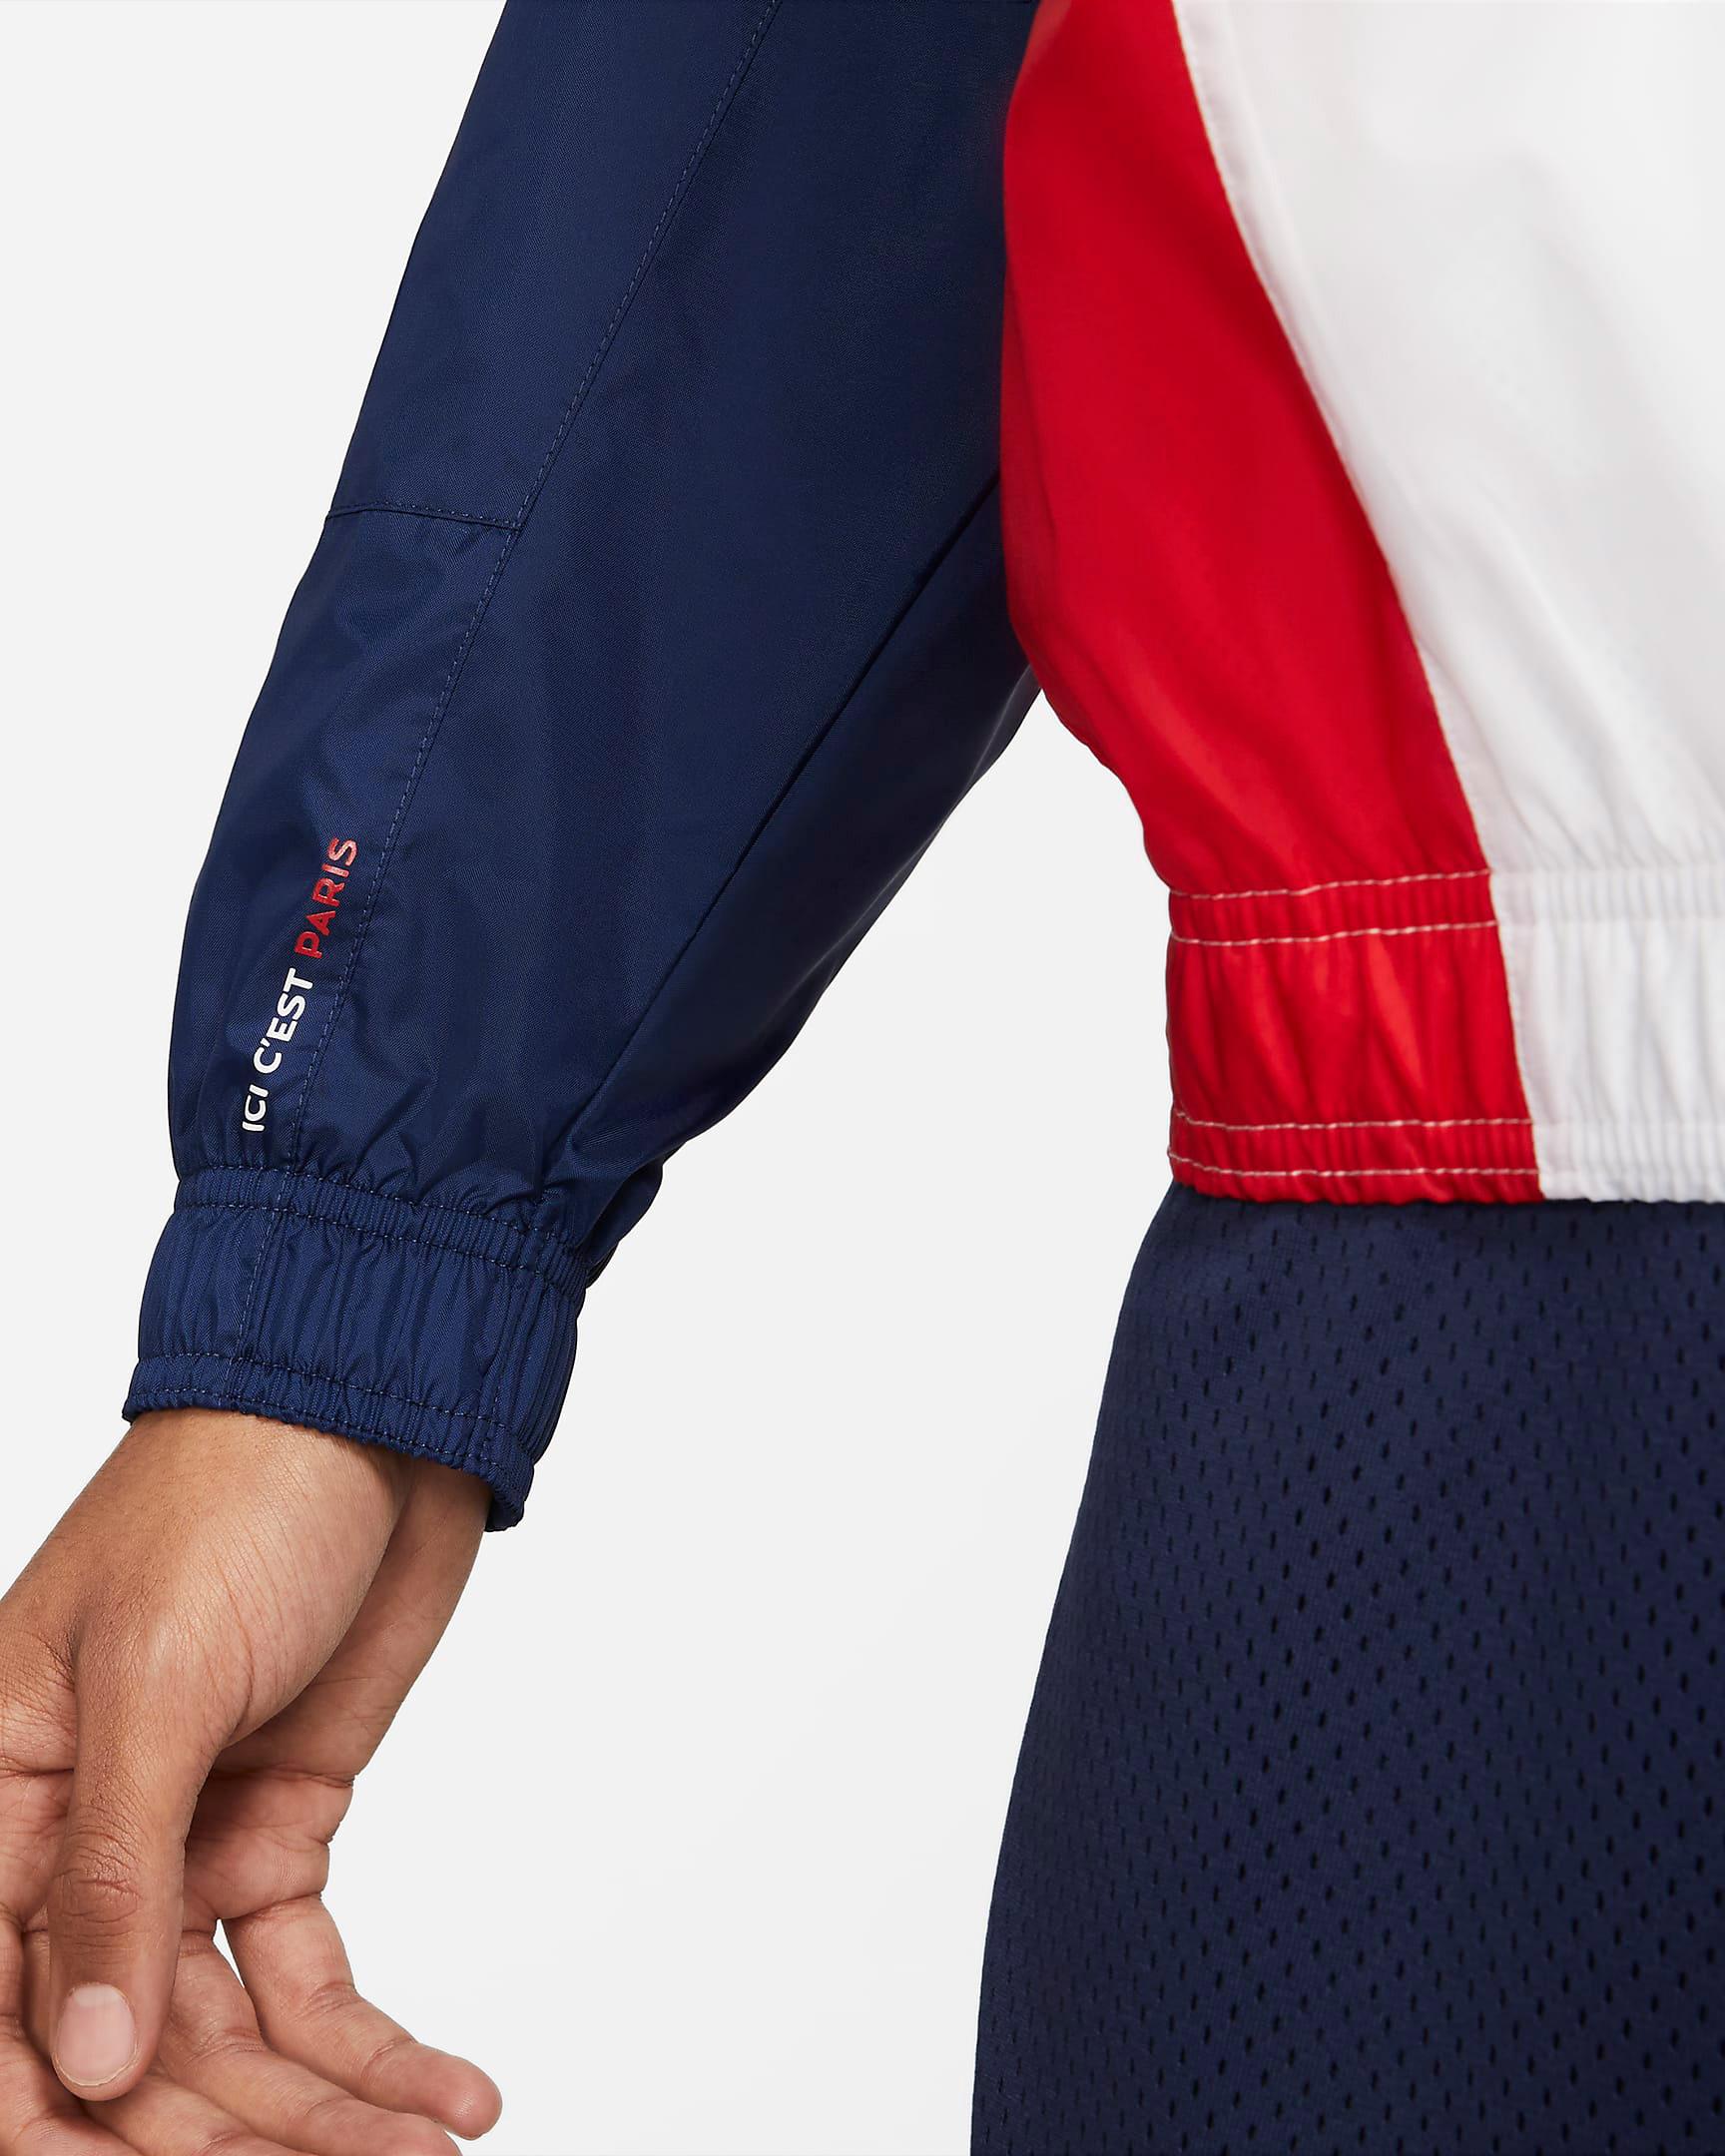 air-jordan-7-psg-jacket-6